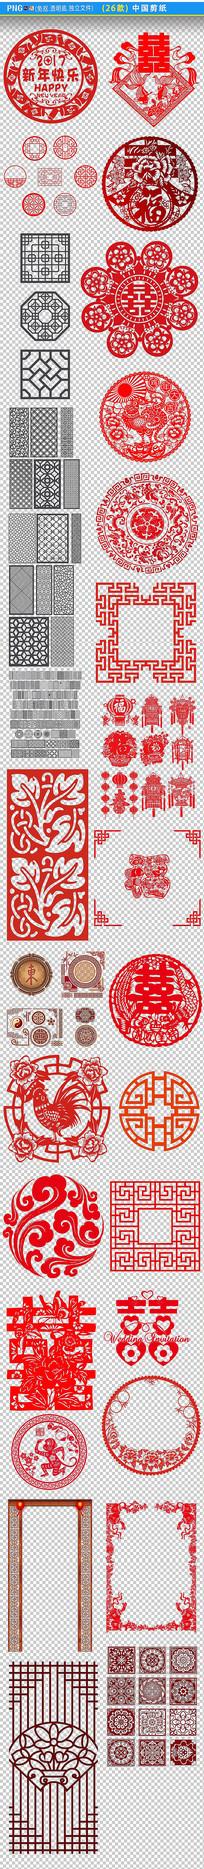 中式雕花纹PNG素材